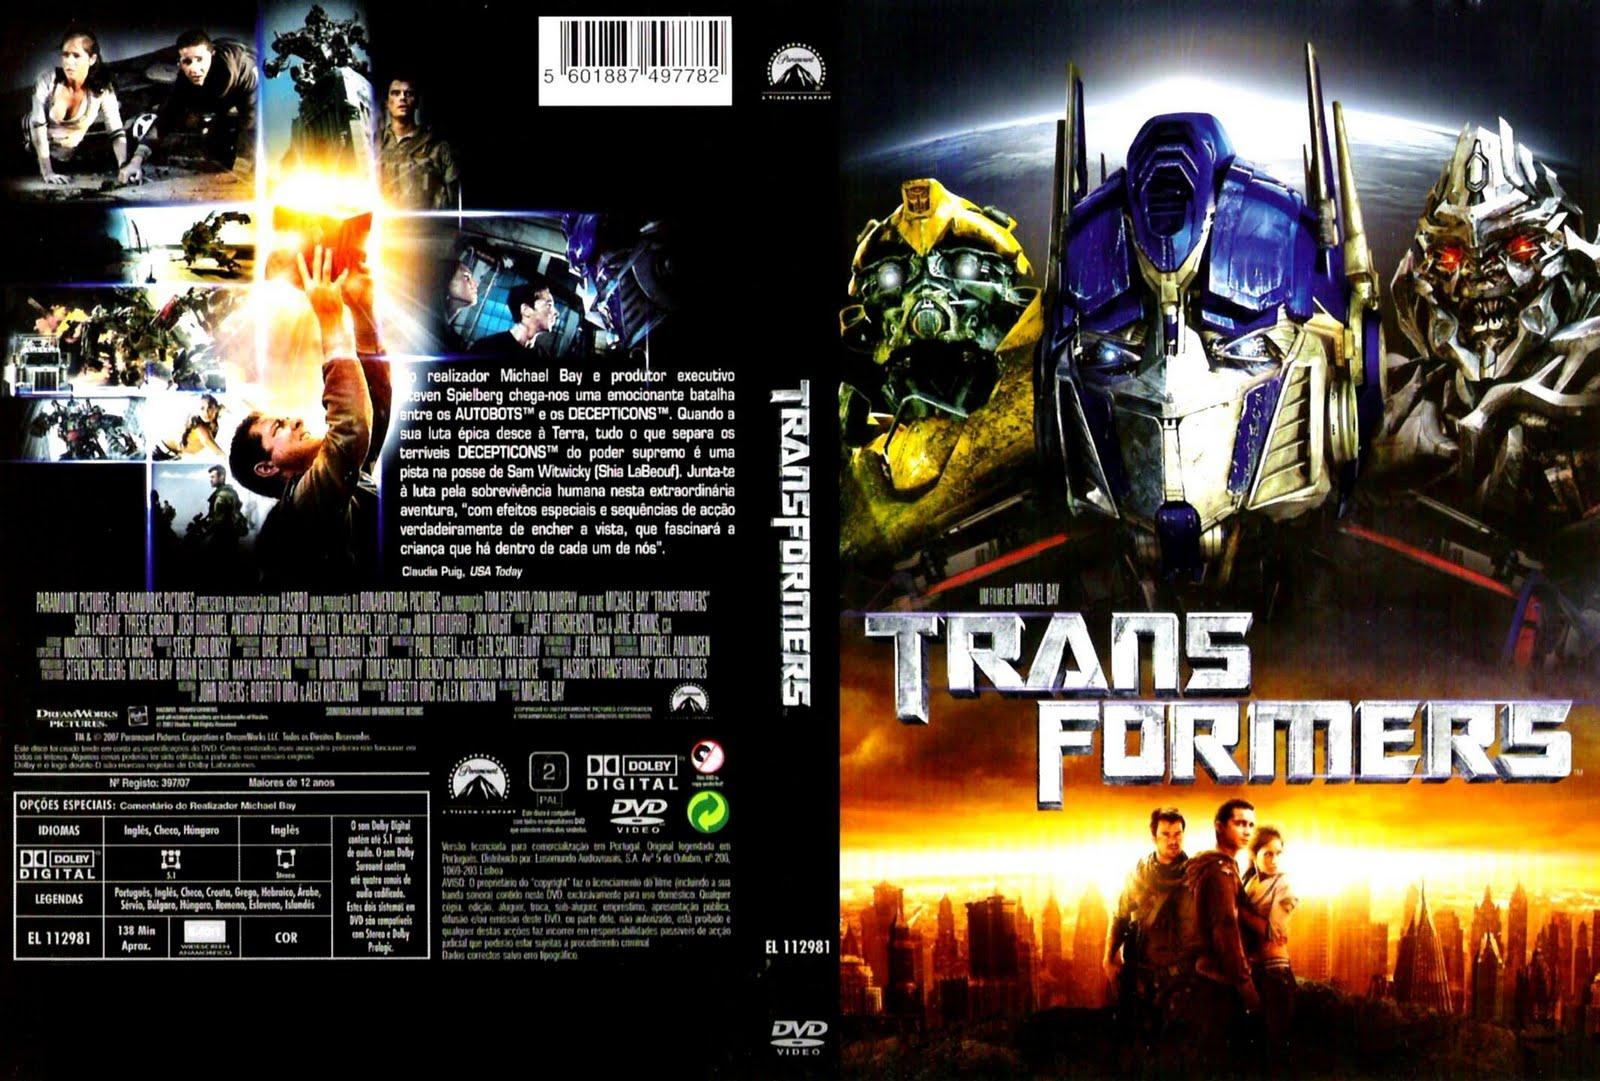 Imagens Transformers 1 Torrent Dublado 1080p 720p BluRay Download